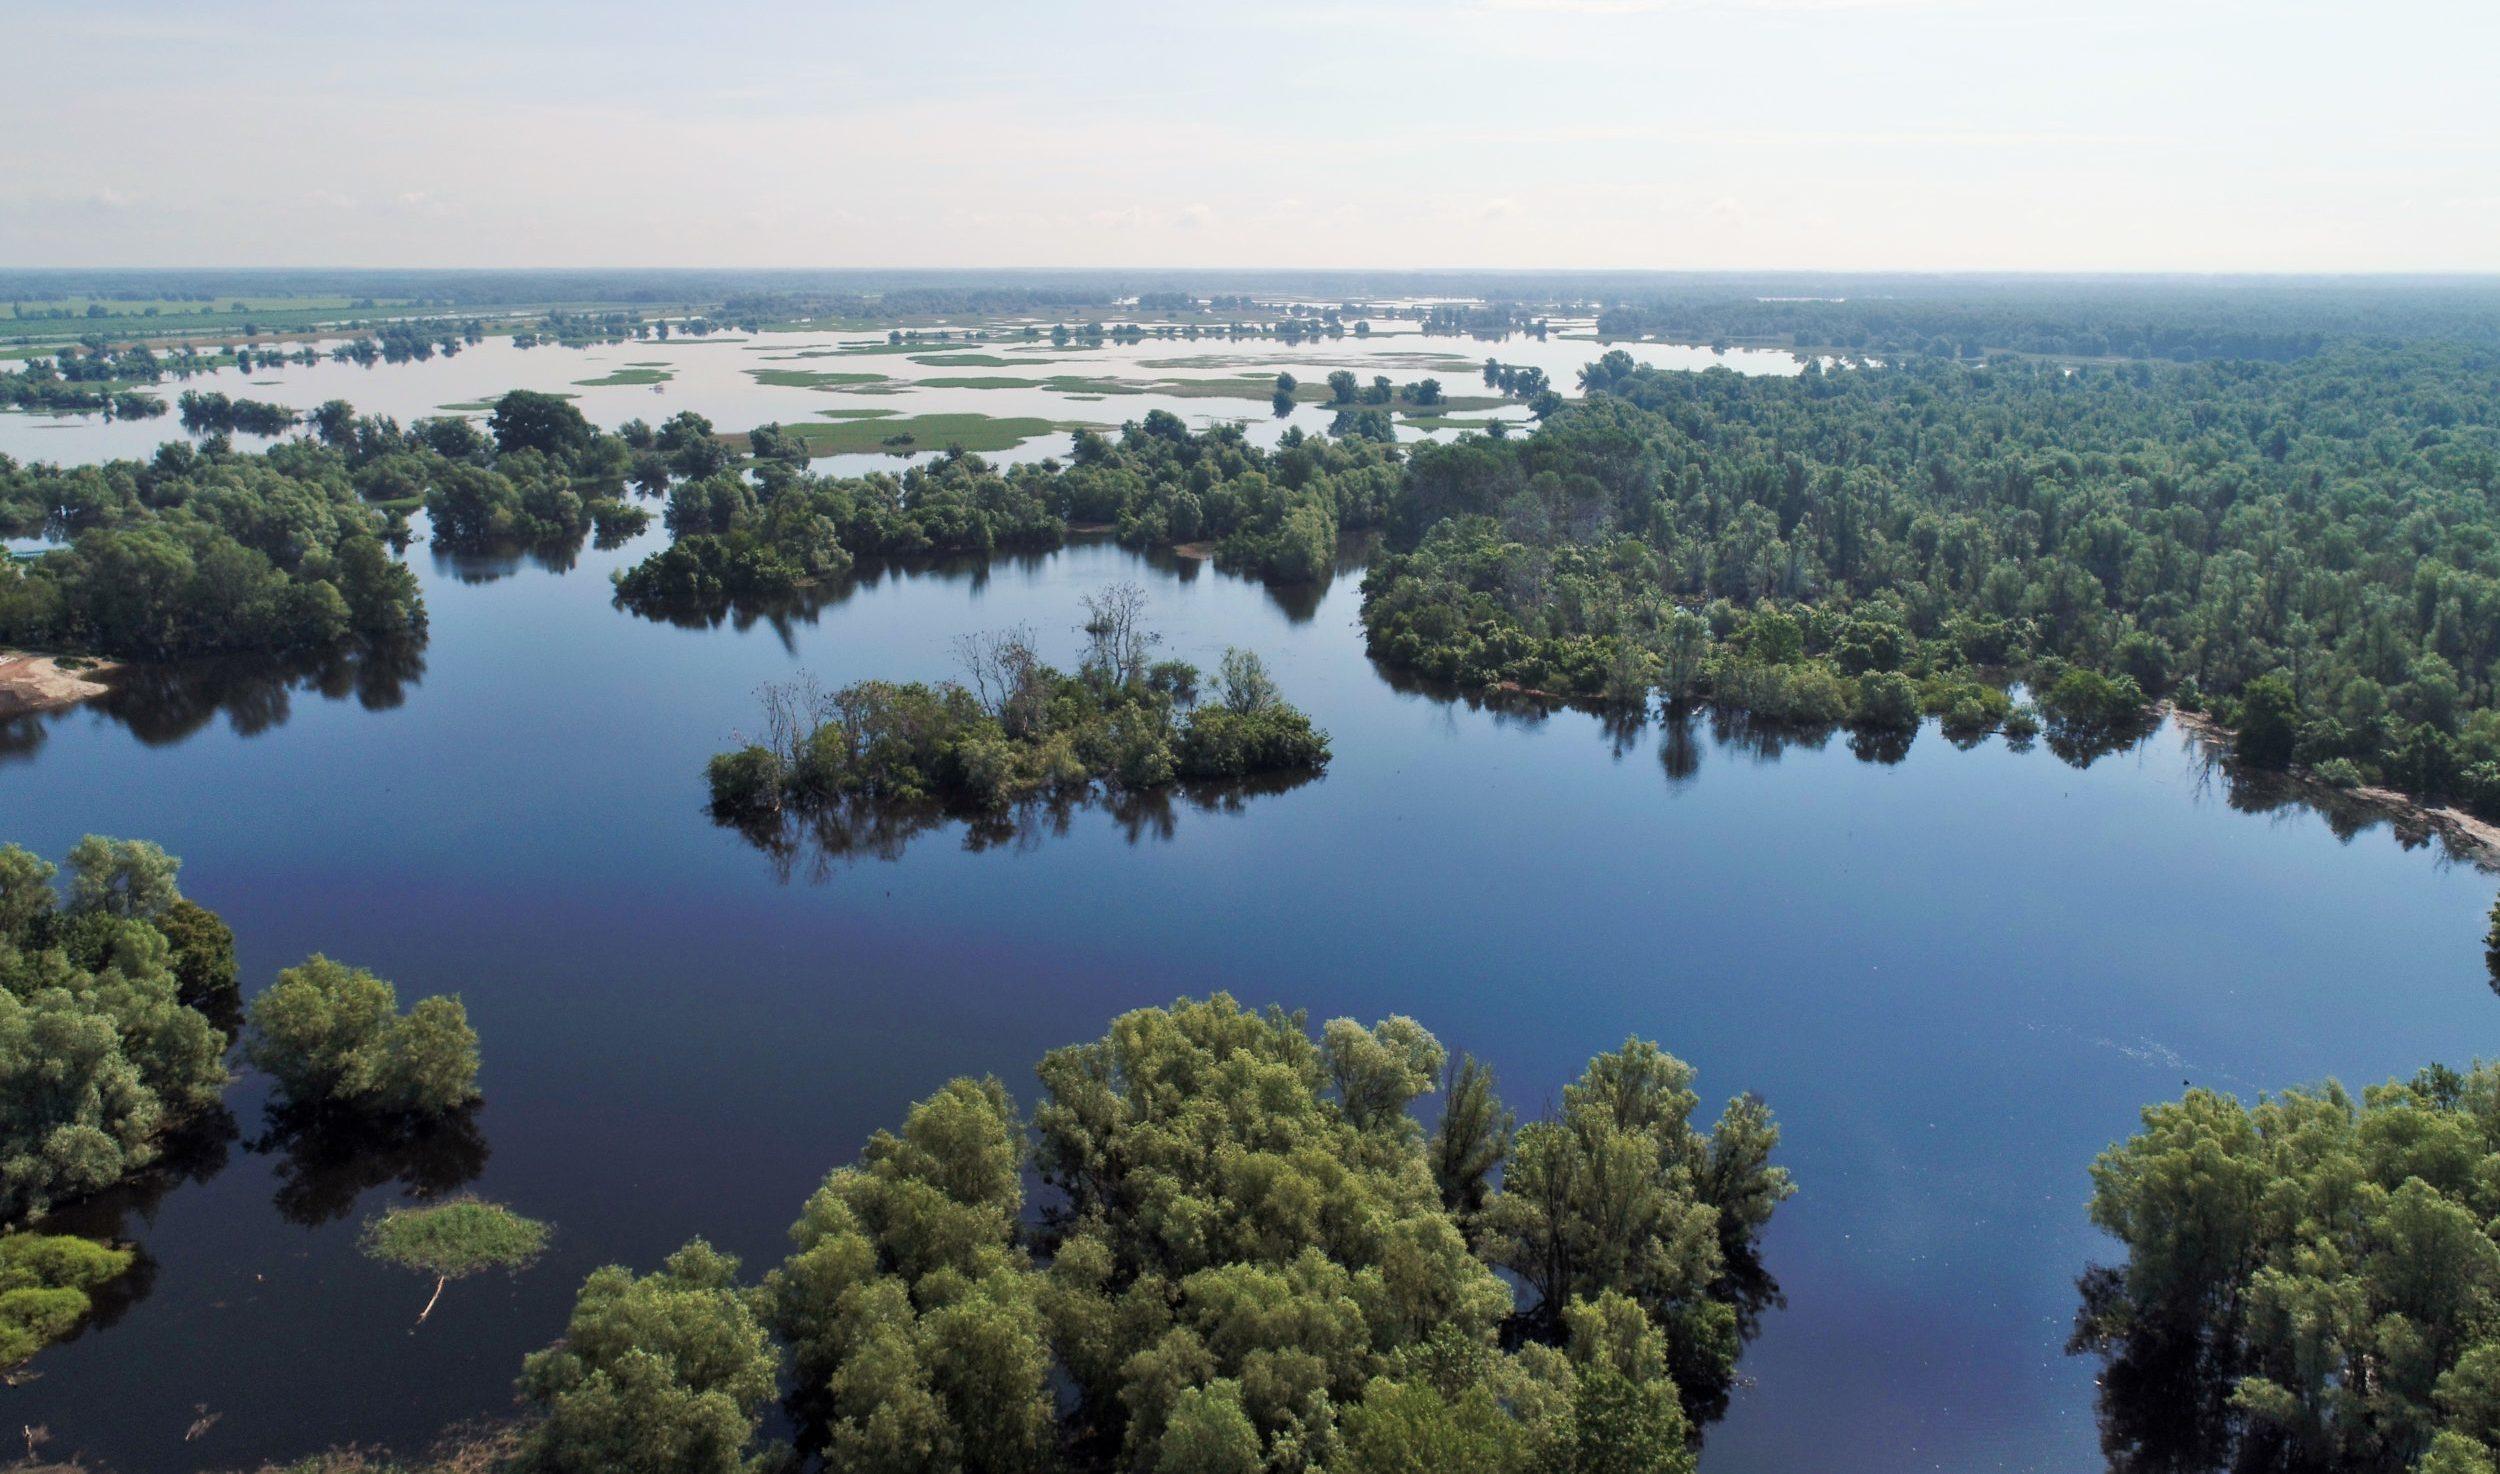 Sklad glazbe i prirode na Međunarodni dan Dunava u Kopačkom ritu